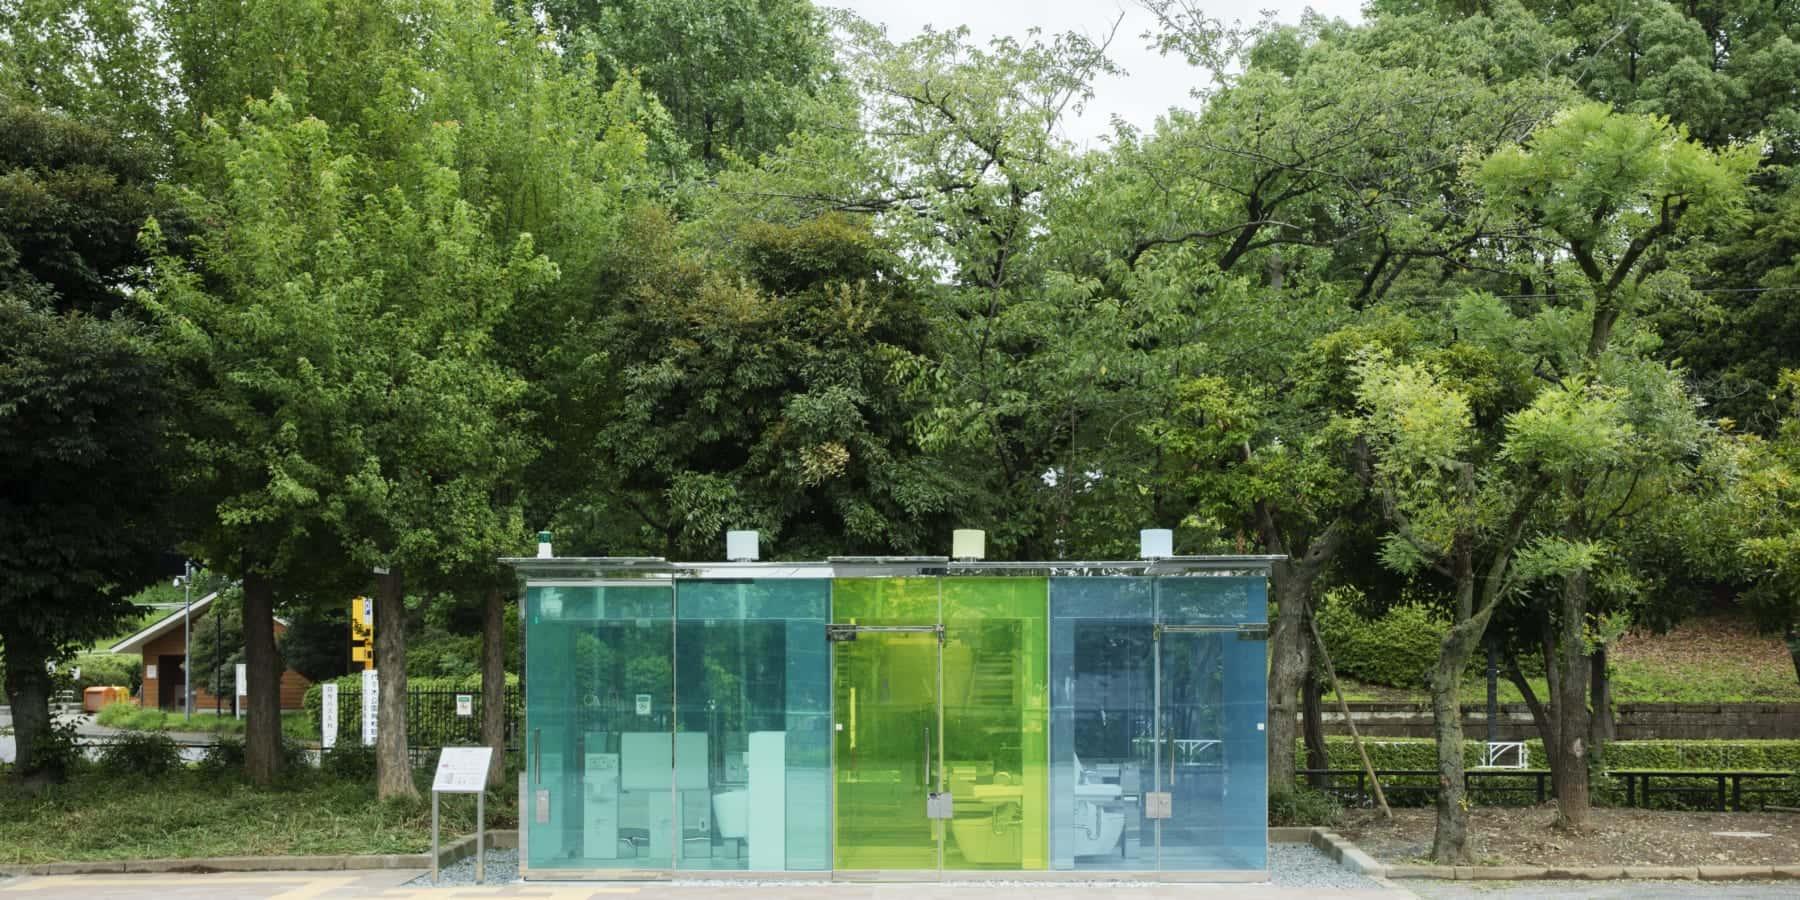 渋谷に現れた透明なトイレ。公共トイレを変革する「THE TOKYO TOILET」